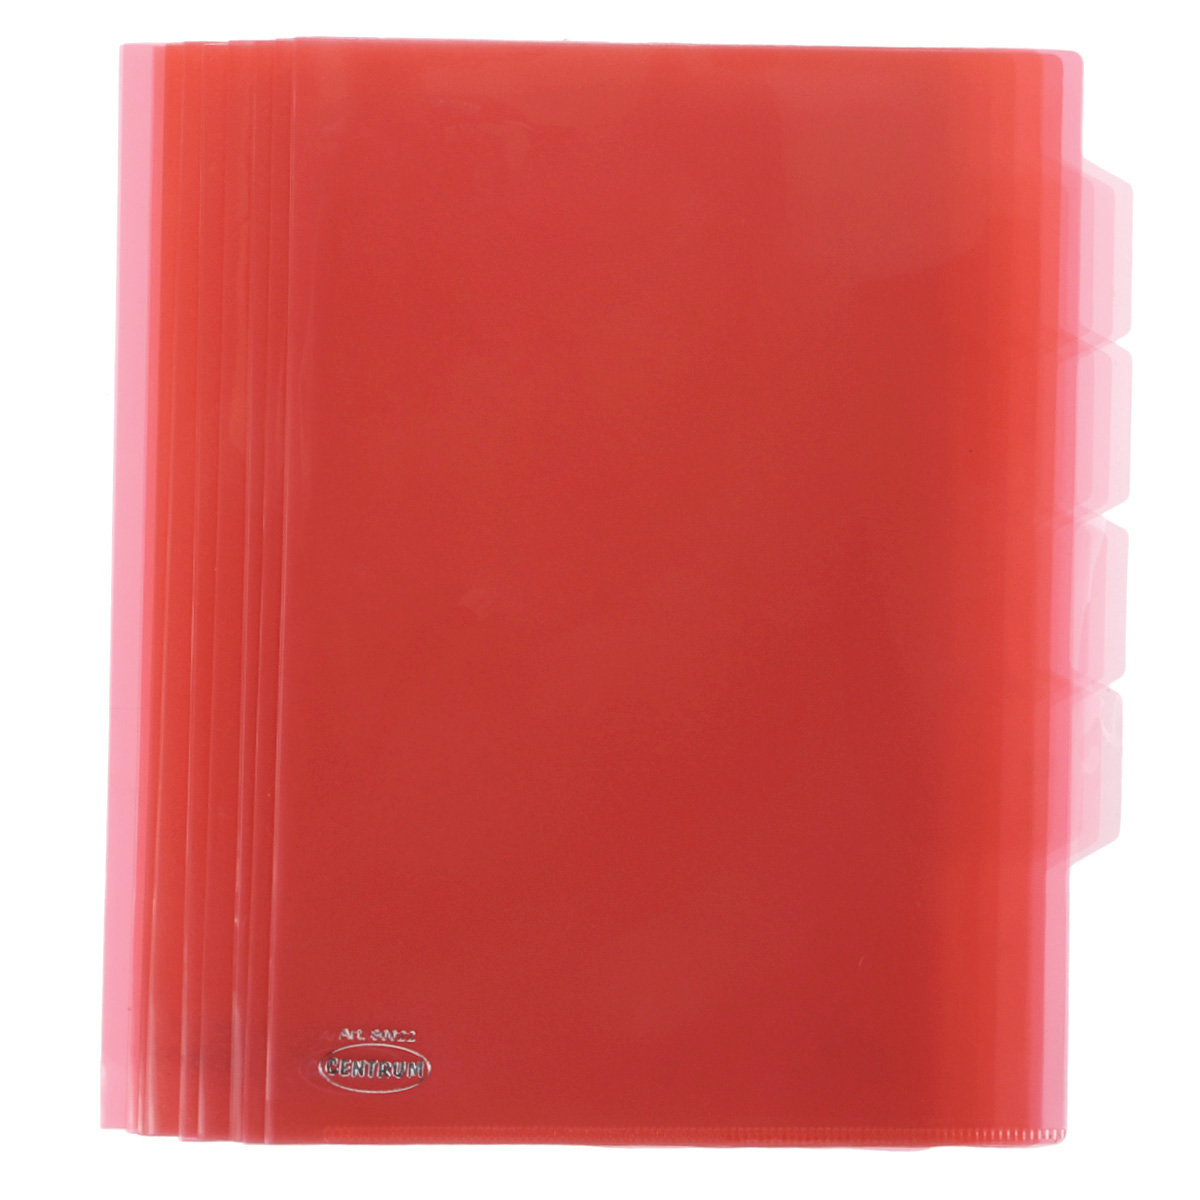 Папка-уголок Сentrum, 3 отделения, цвет: красный. Формат А4, 10 штAC-1121RDПапка-уголок Centrum - это удобный и практичный офисный инструмент, предназначенный для хранения и транспортировки рабочих бумаг и документов формата А4. Папка изготовлена из прозрачного глянцевого пластика, имеет три отделения с индексами-табуляторами. В комплект входят 10 папок формата А4. Папка-уголок - это незаменимый атрибут для студента, школьника, офисного работника. Такая папка надежно сохранит ваши документы и сбережет их от повреждений, пыли и влаги.